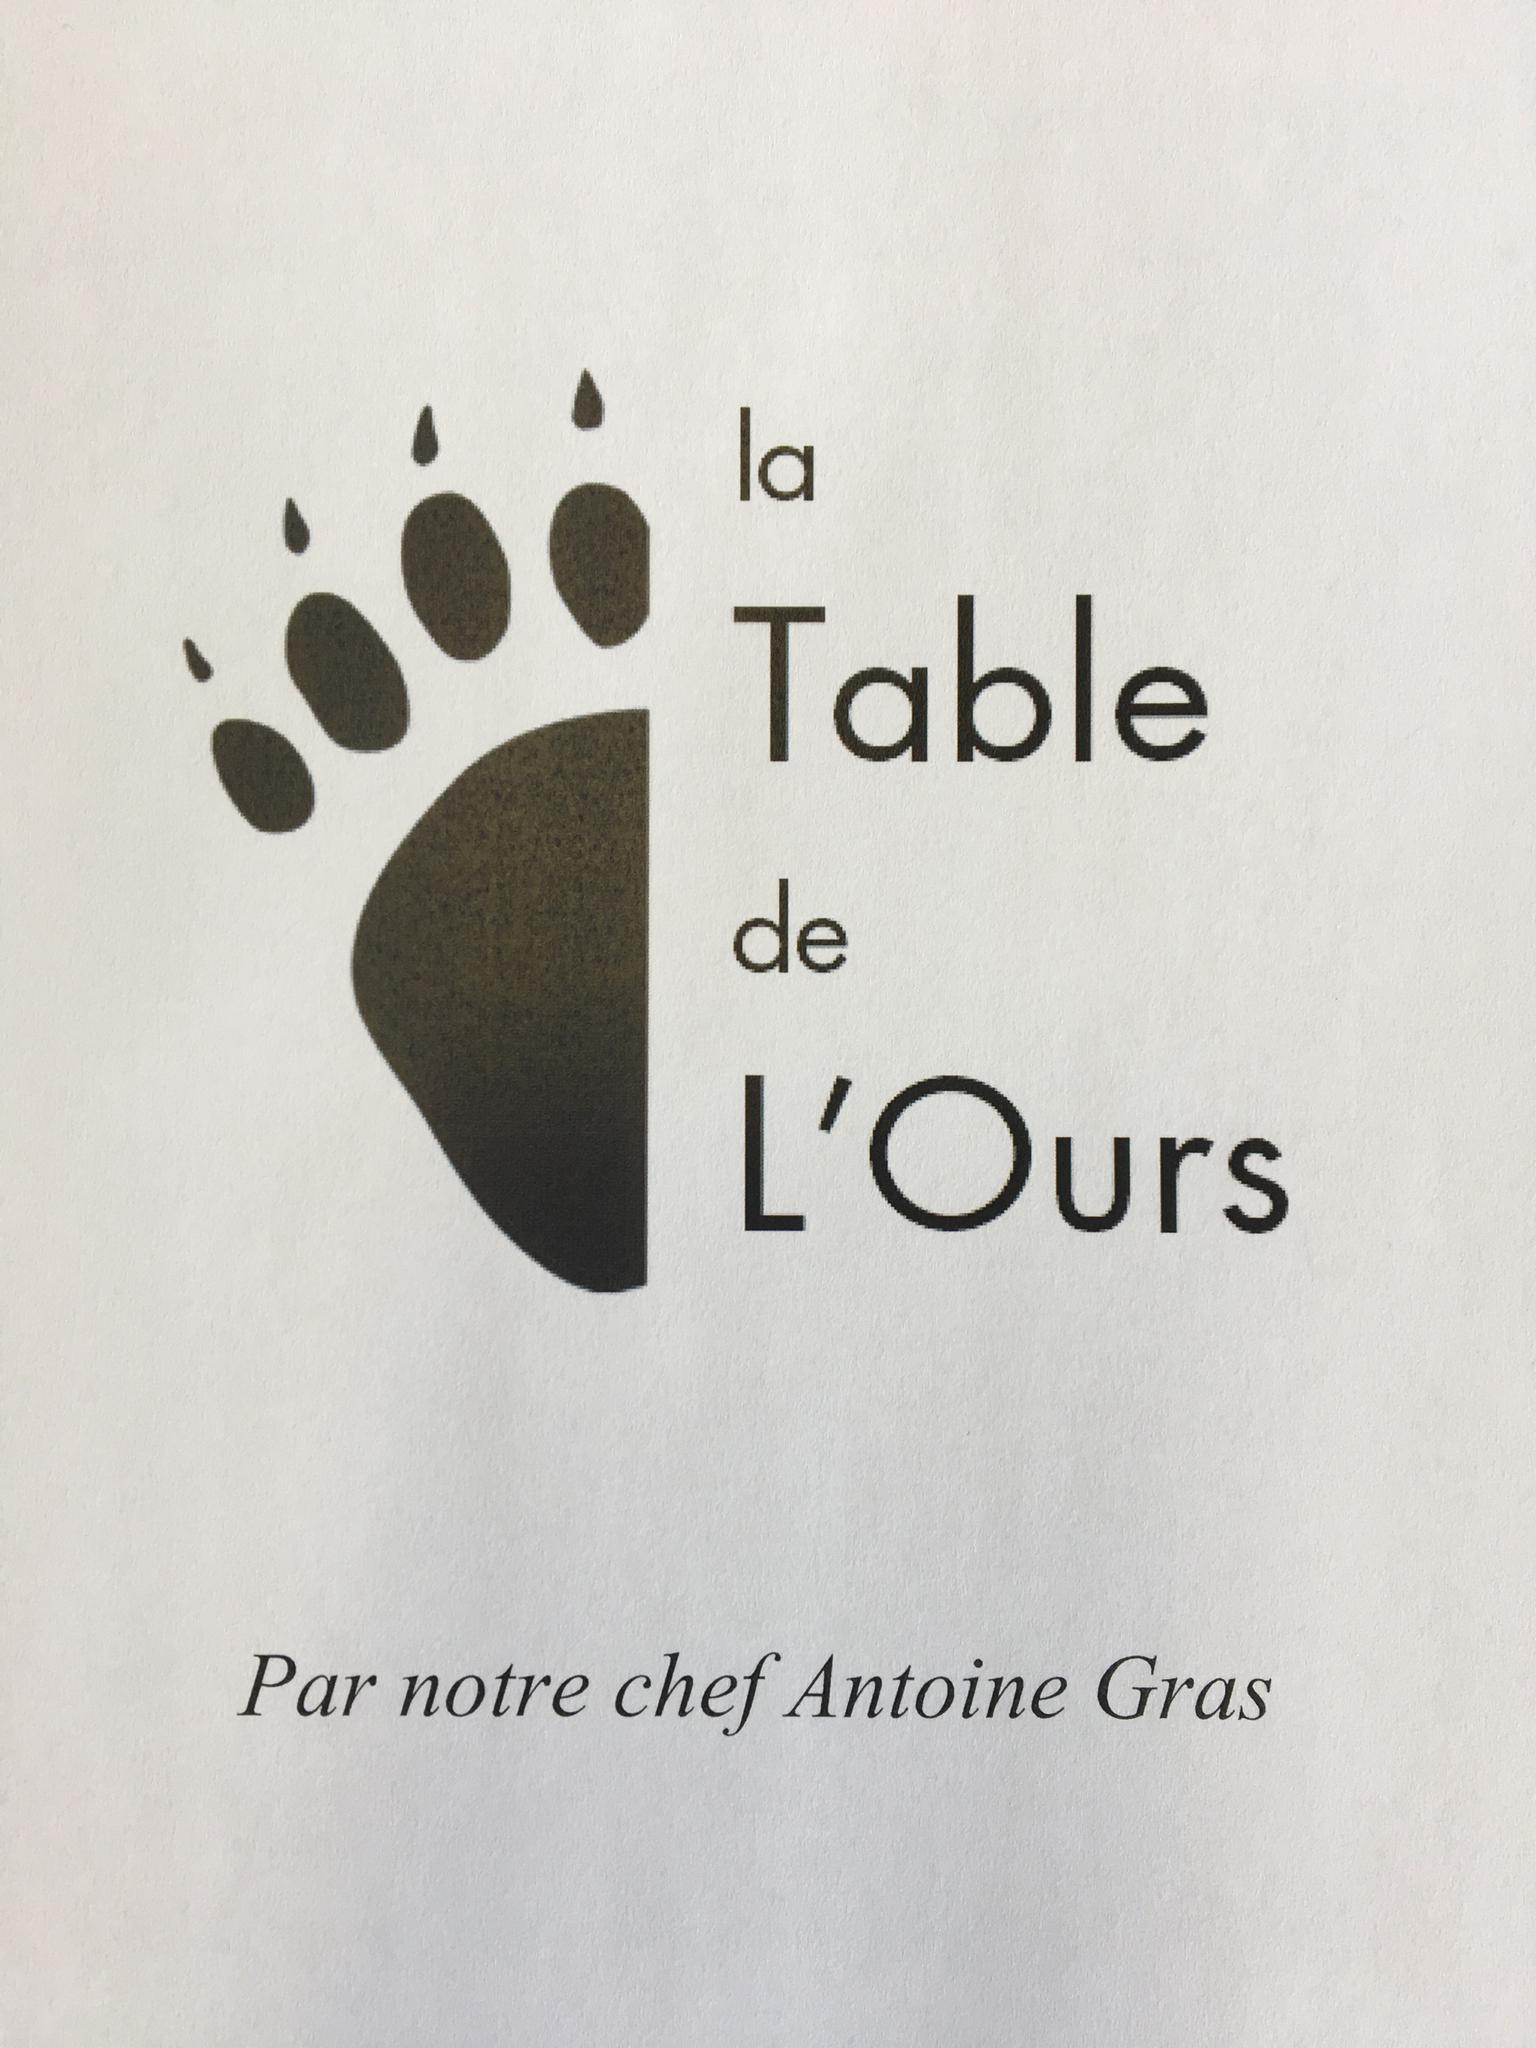 La Table de l'ours à Val d'Isère (73)